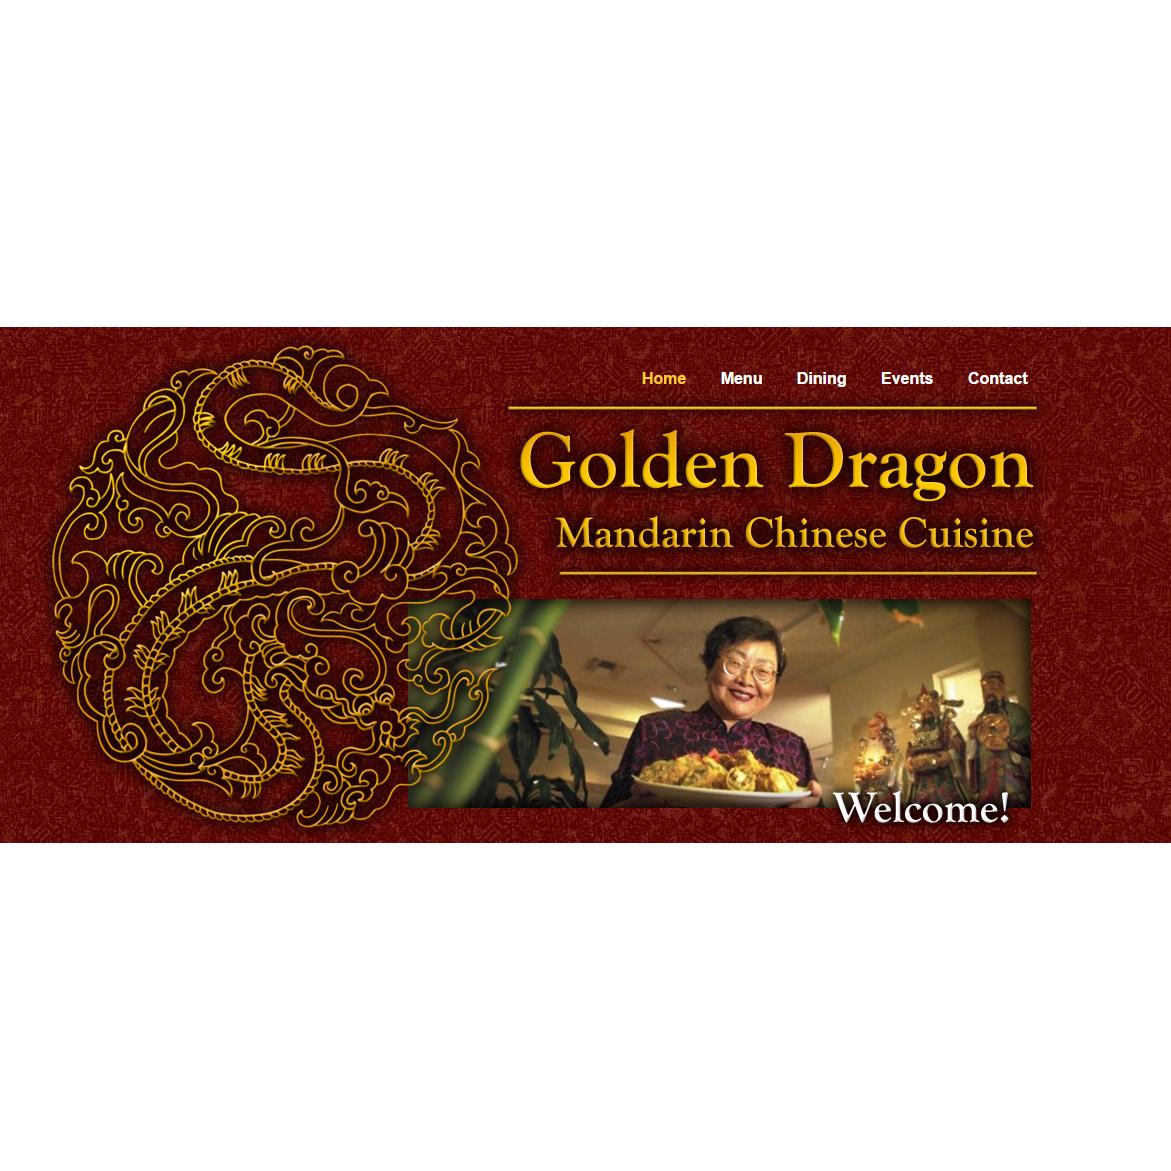 Golden dragon take out menu : Bay village oh